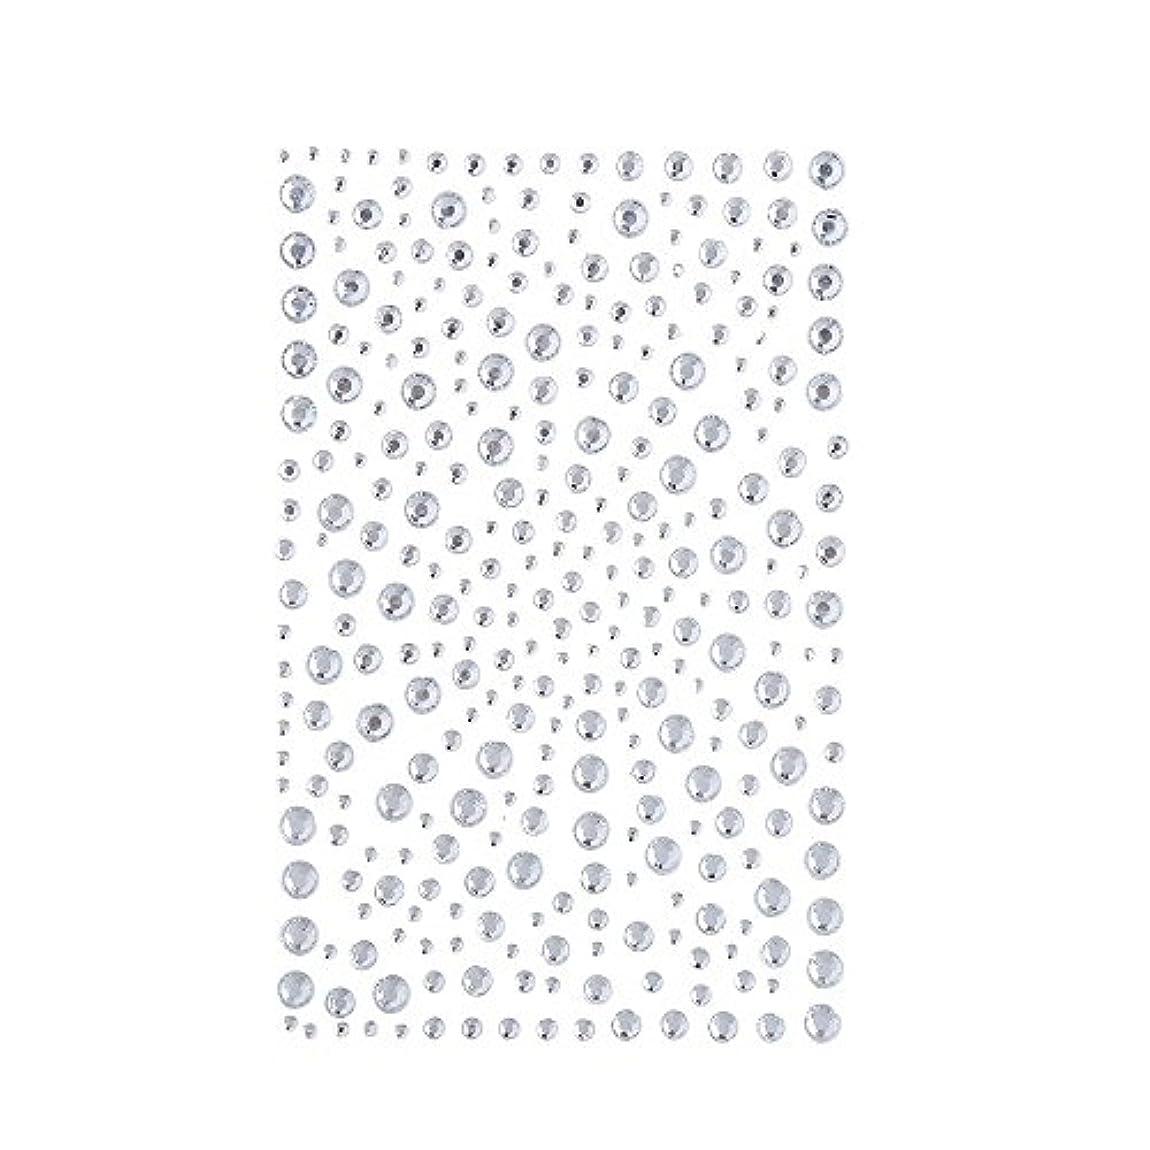 汚物うがい悪意のあるラインストーン 人工ダイヤモンド スワロフスキー ホットフィックス 325粒 (白)